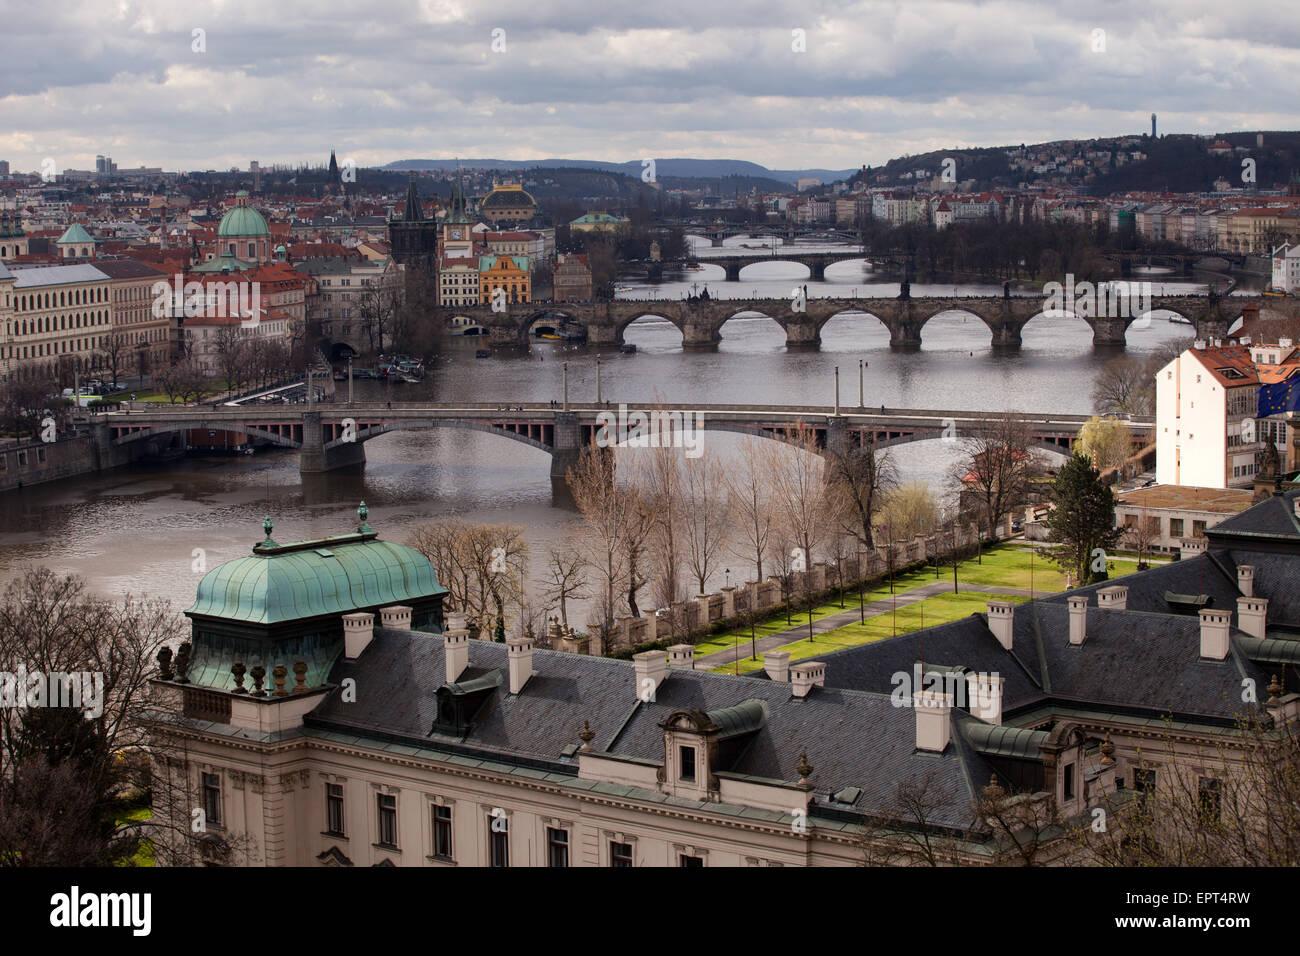 Letna Park: Prague Bridges Stock Photo